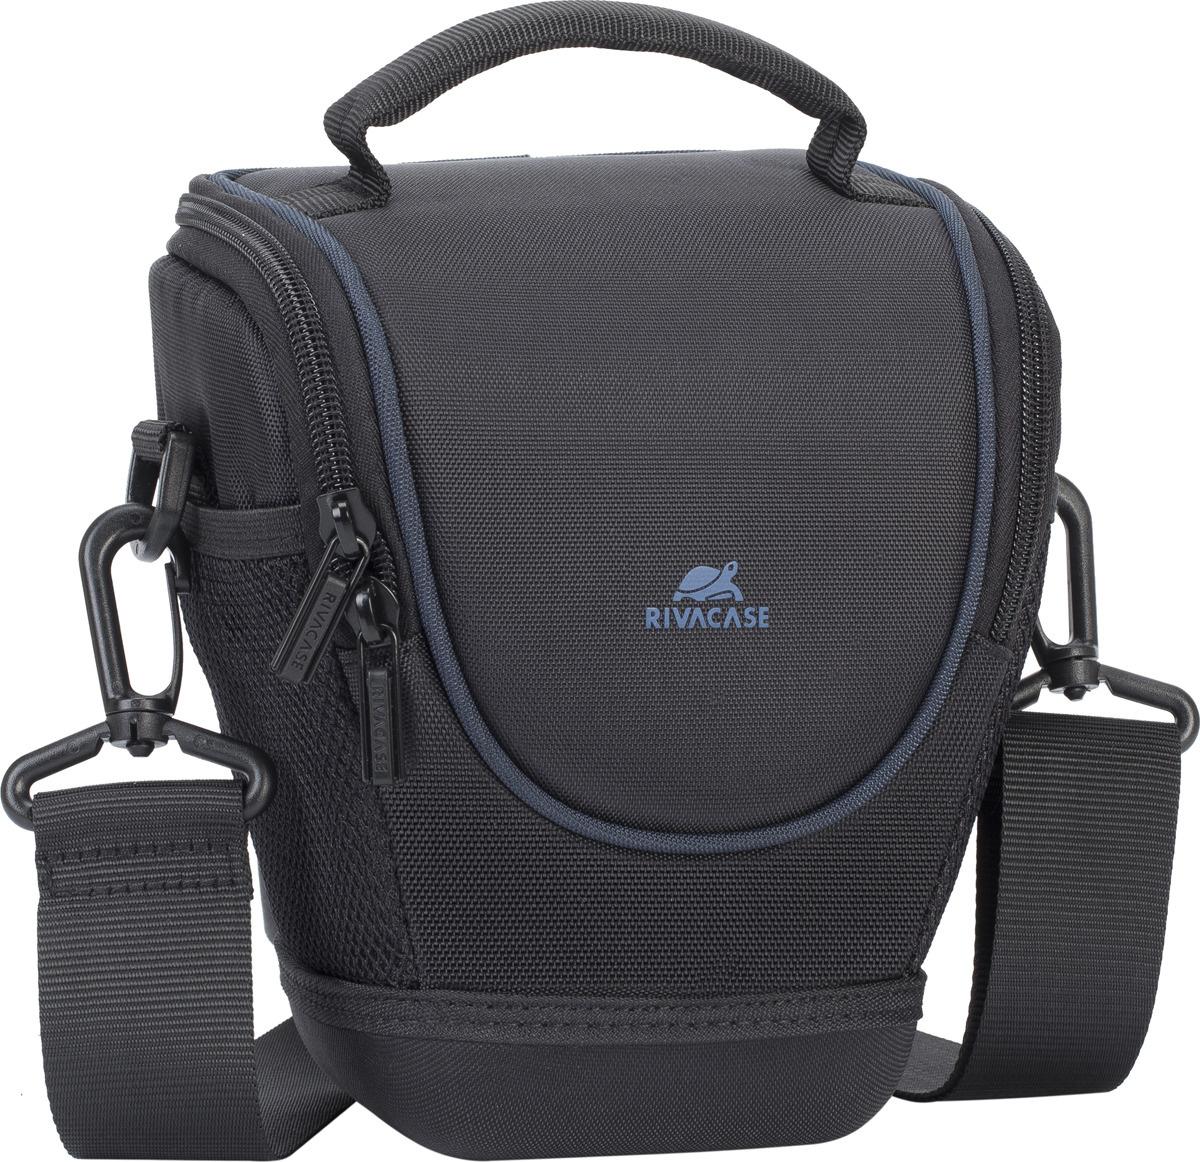 4f9fcc1a57ed Сумка для фотоаппарата RivaCase 7201 SLR Black — купить в интернет-магазине  OZON.ru с быстрой доставкой